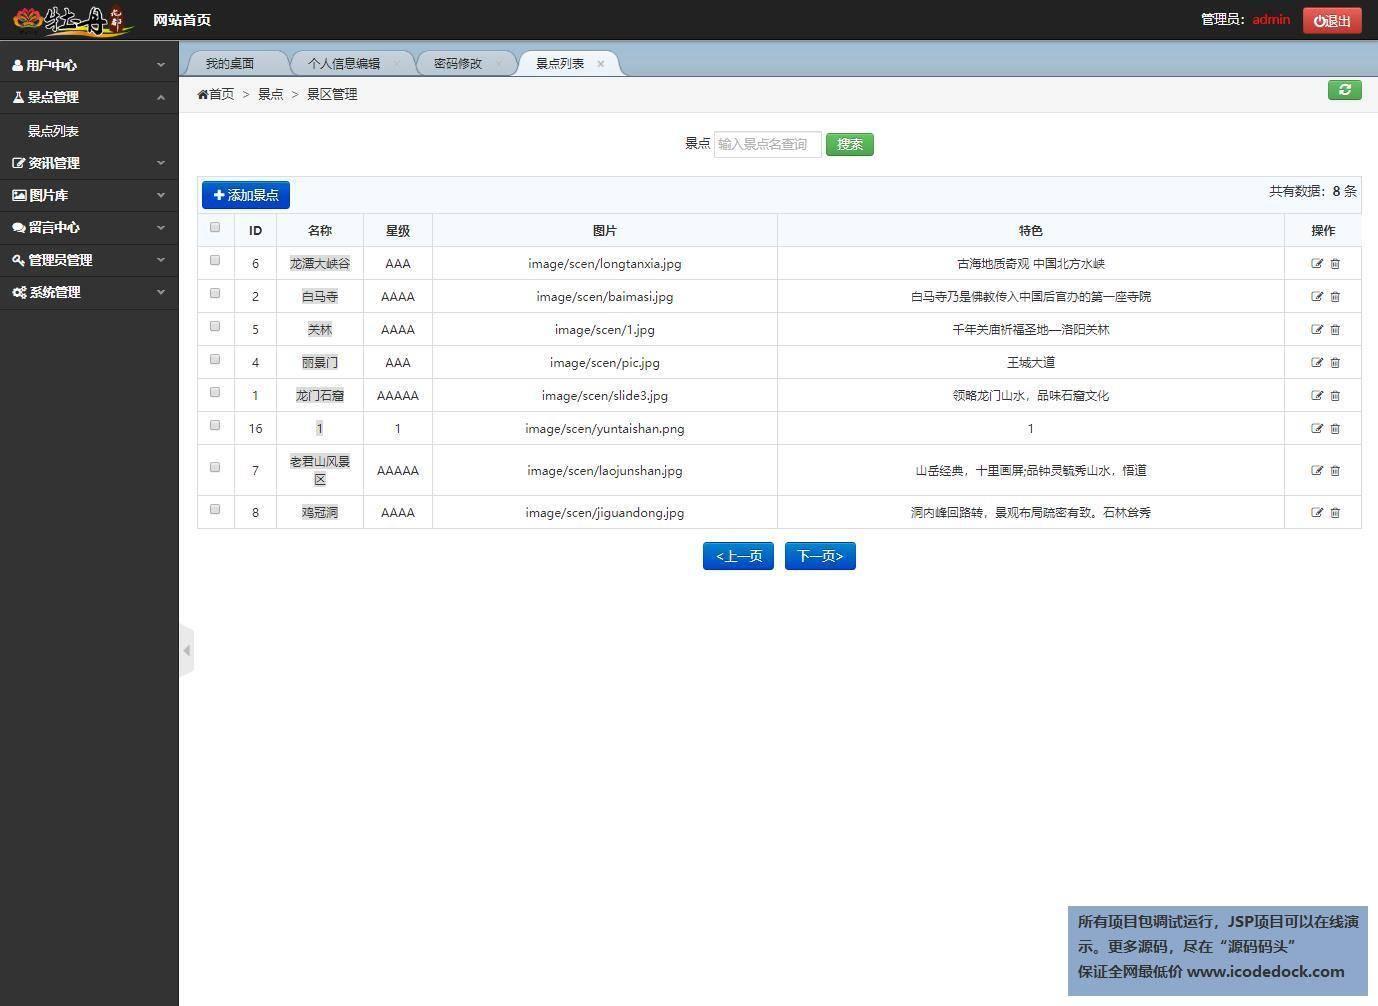 源码码头-JSP旅游网站管理系统-管理员角色-景点管理